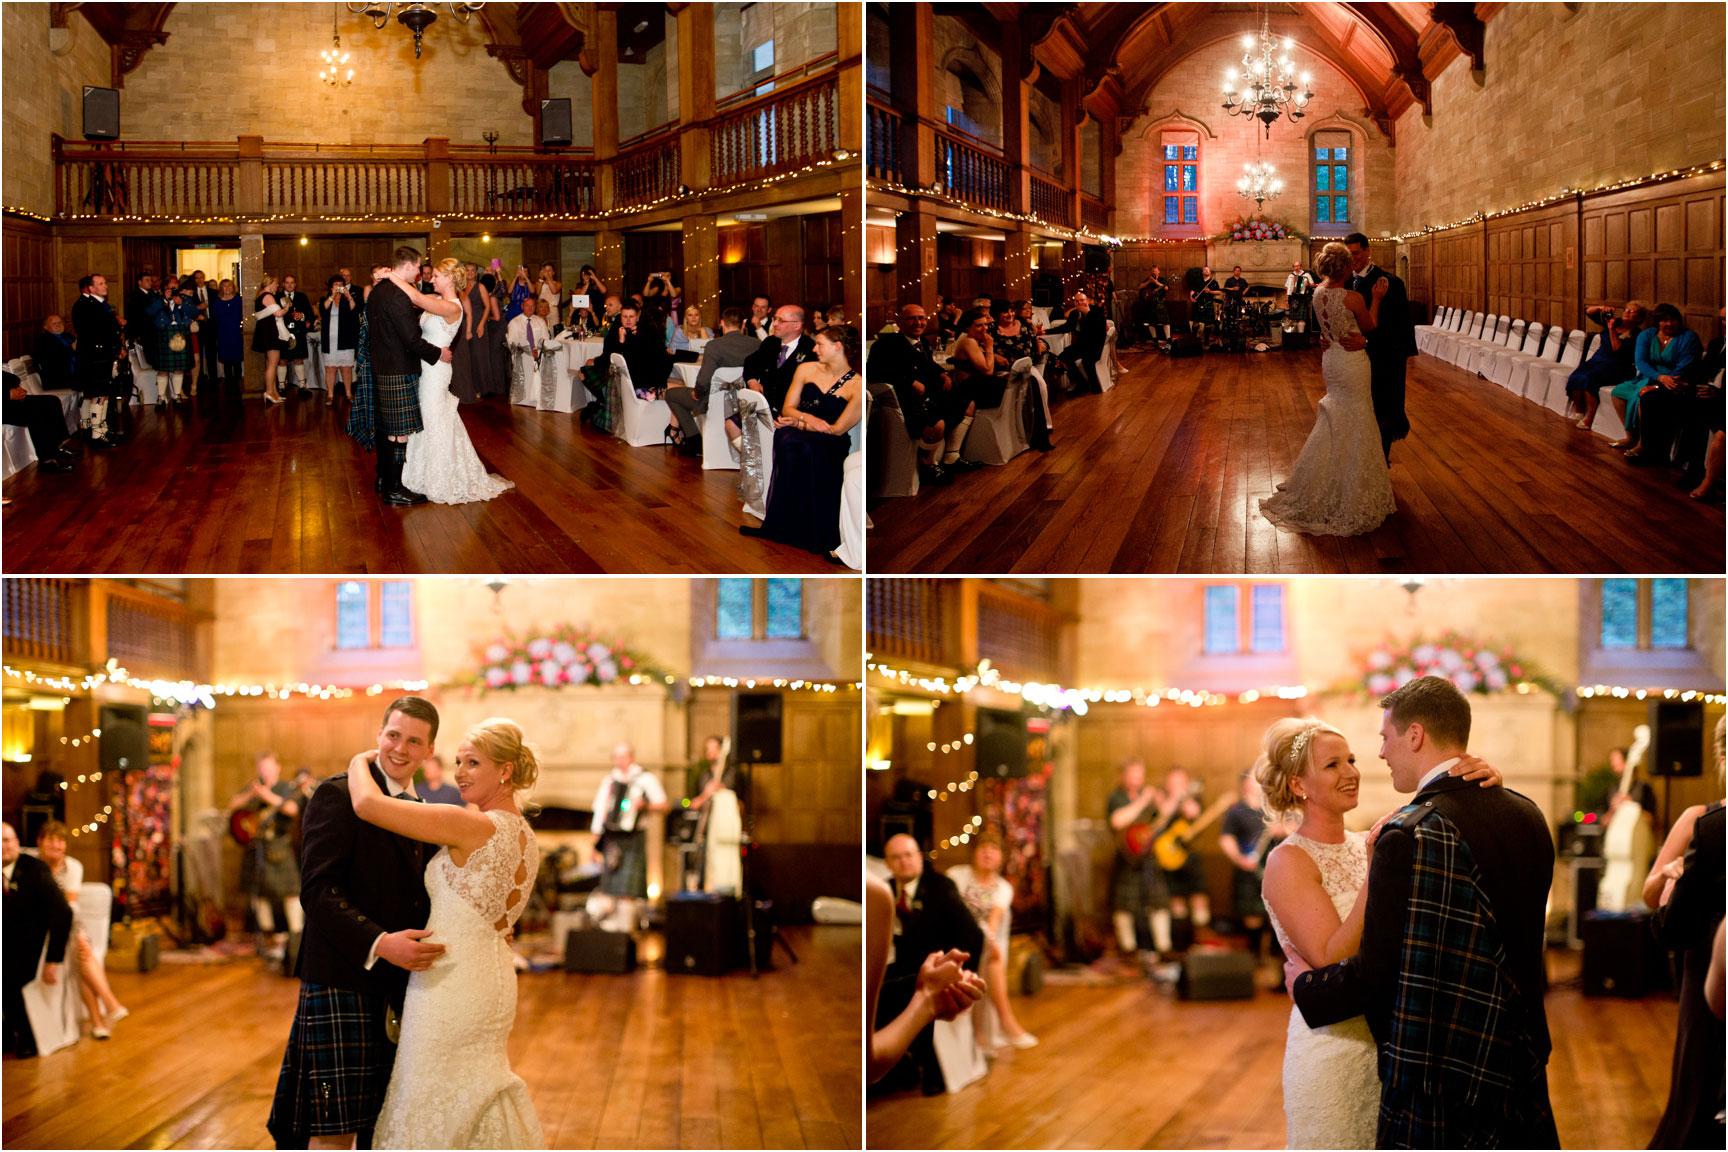 achnagairn-wedding-first-dance